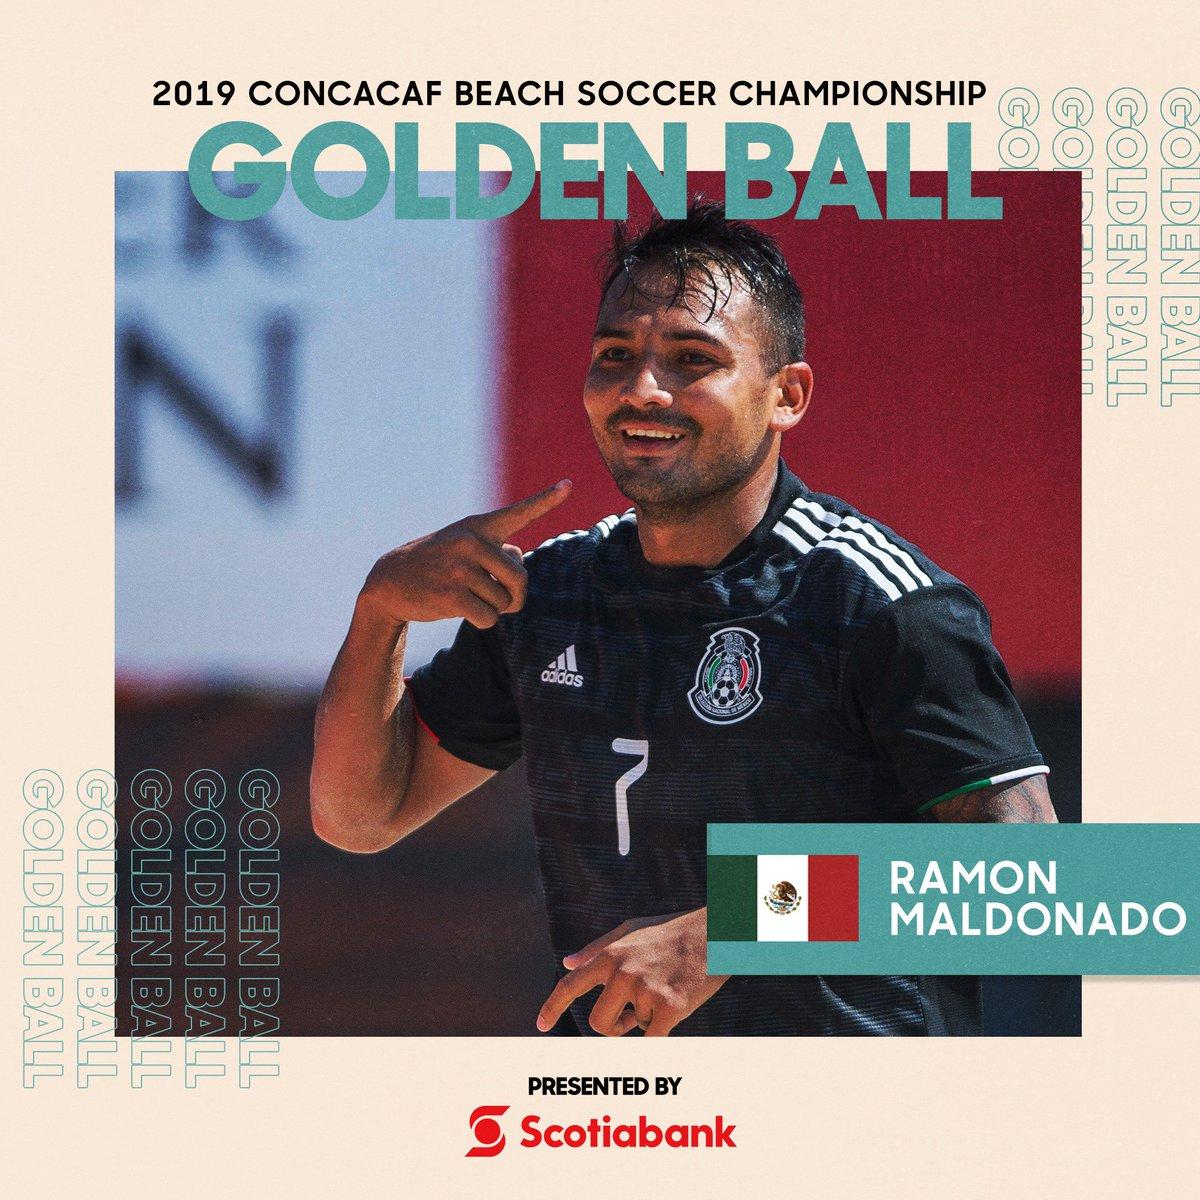 Después de una gran actuación en #CBSC 2019, Ramón Maldonado de @miseleccionmx, es el ganador del Balón de Oro, presentado por @ScotiabankFC